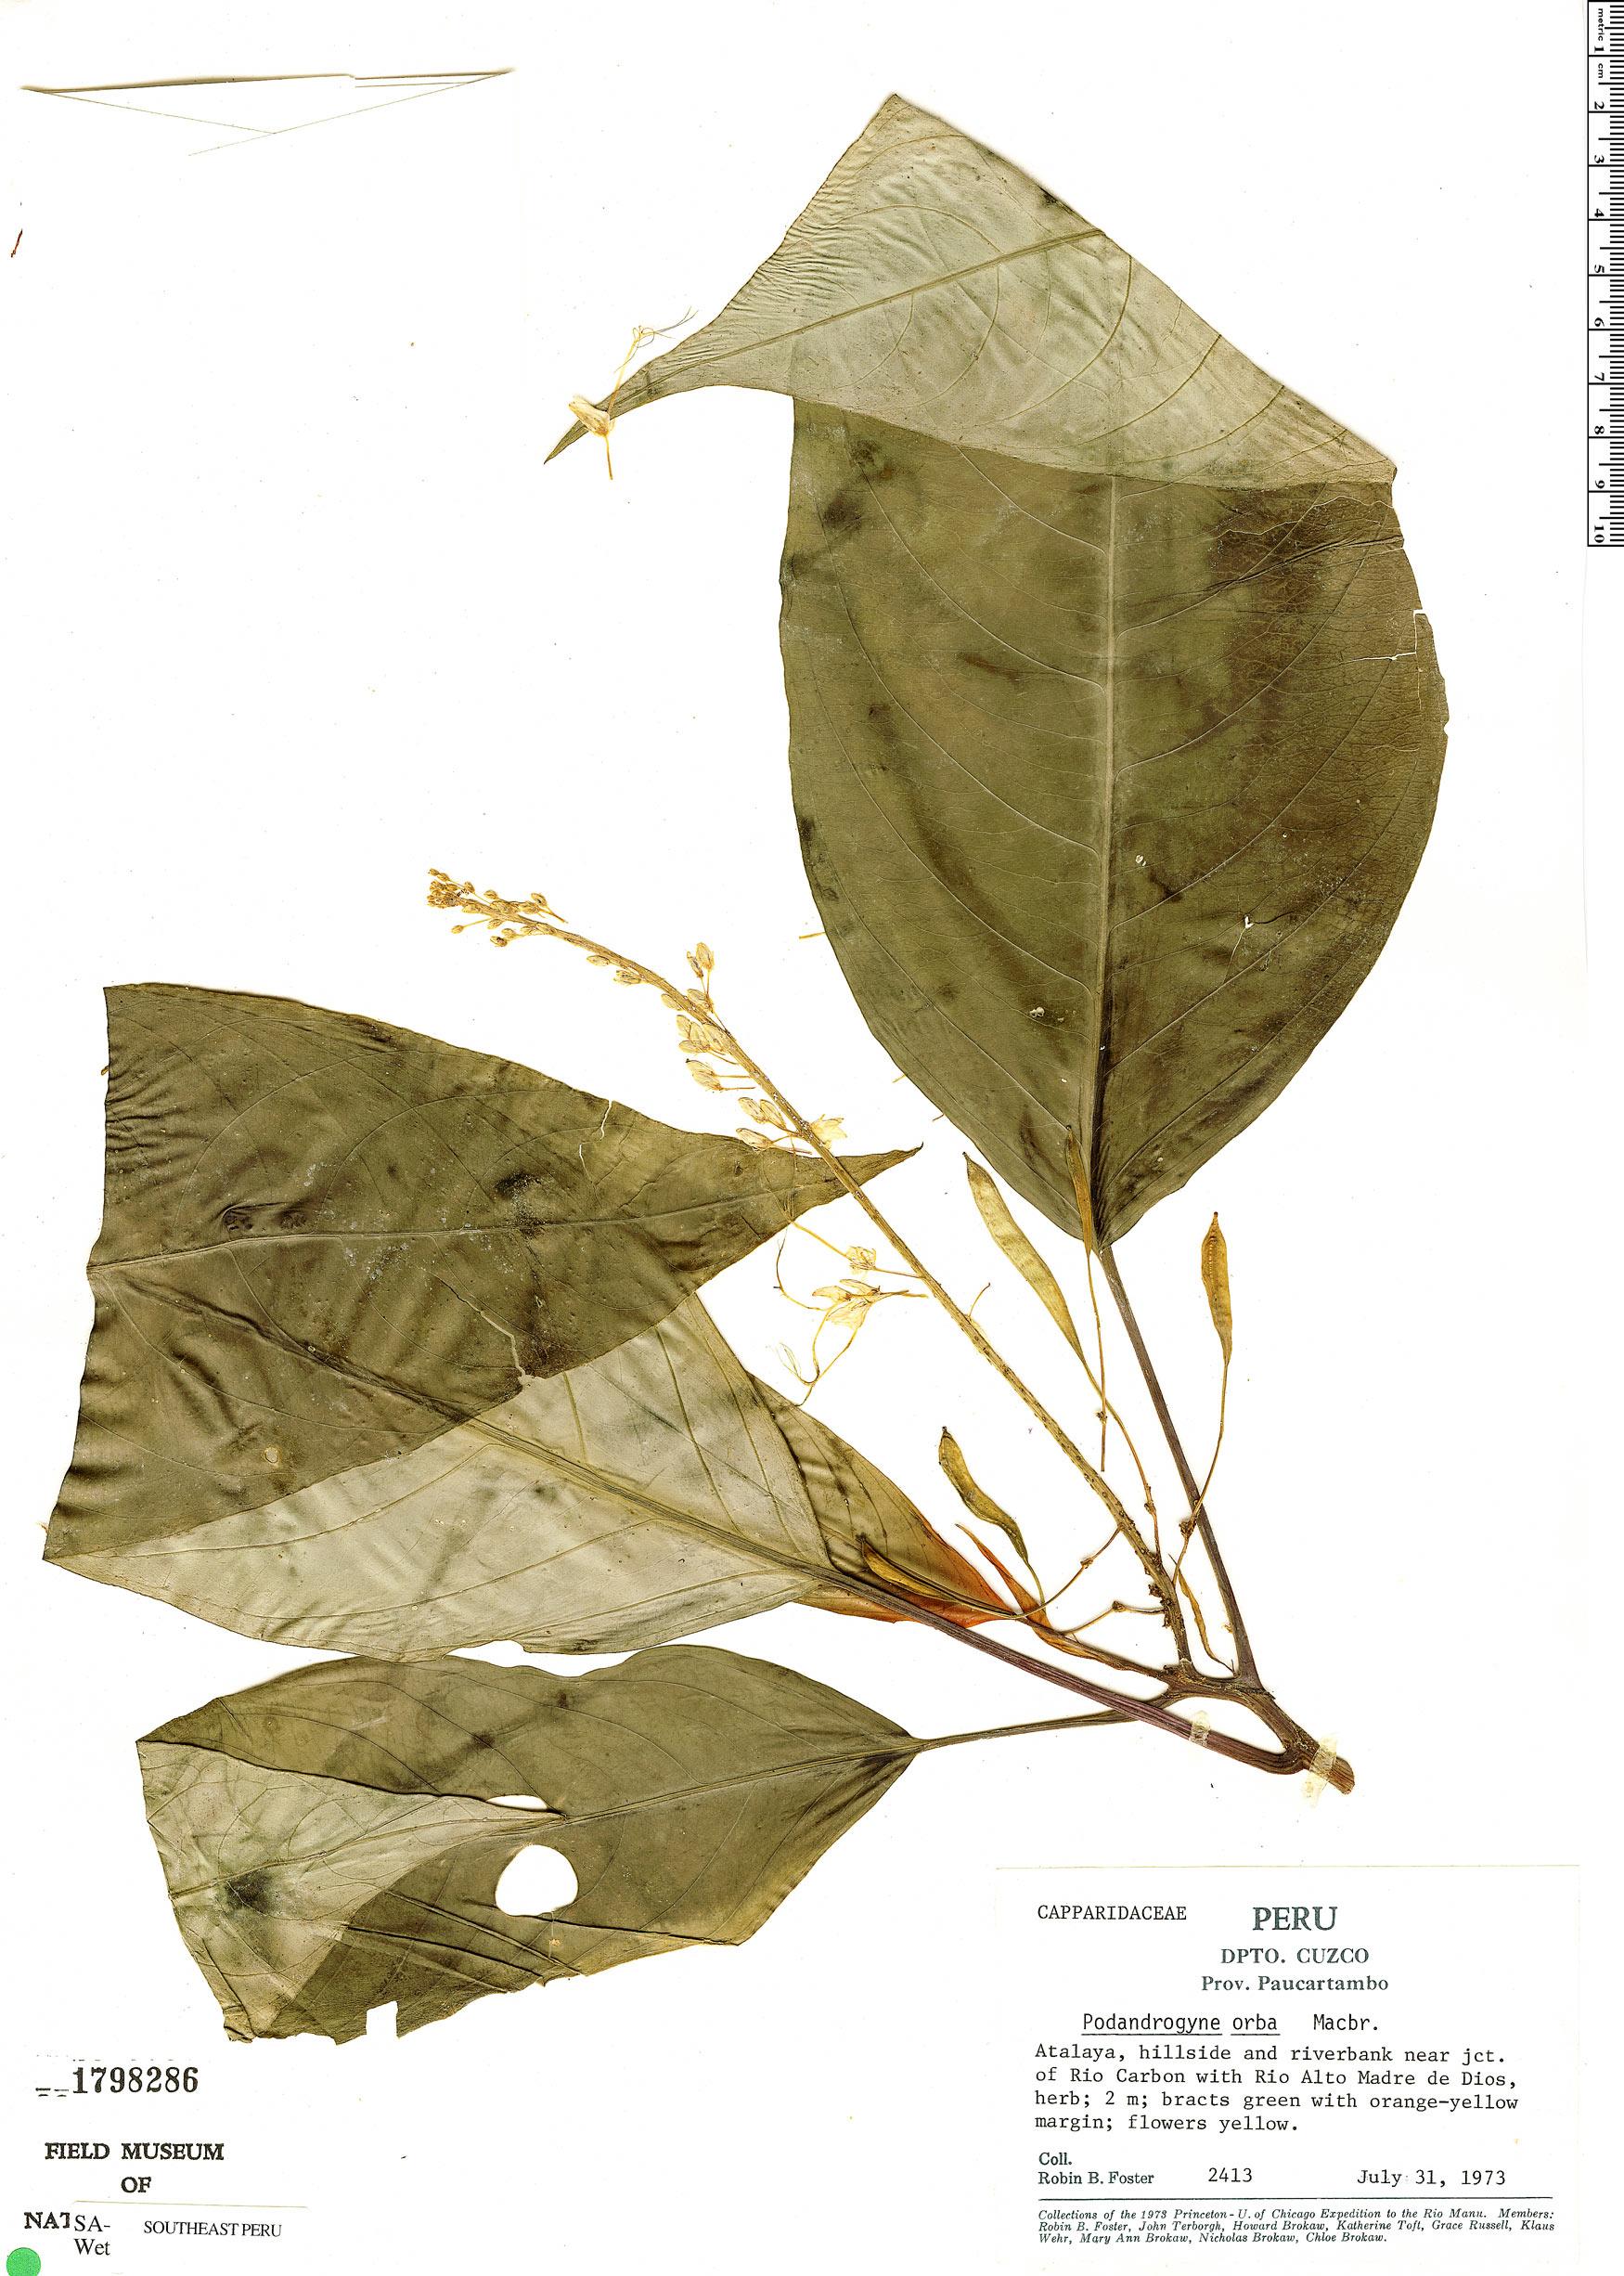 Specimen: Podandrogyne glabra